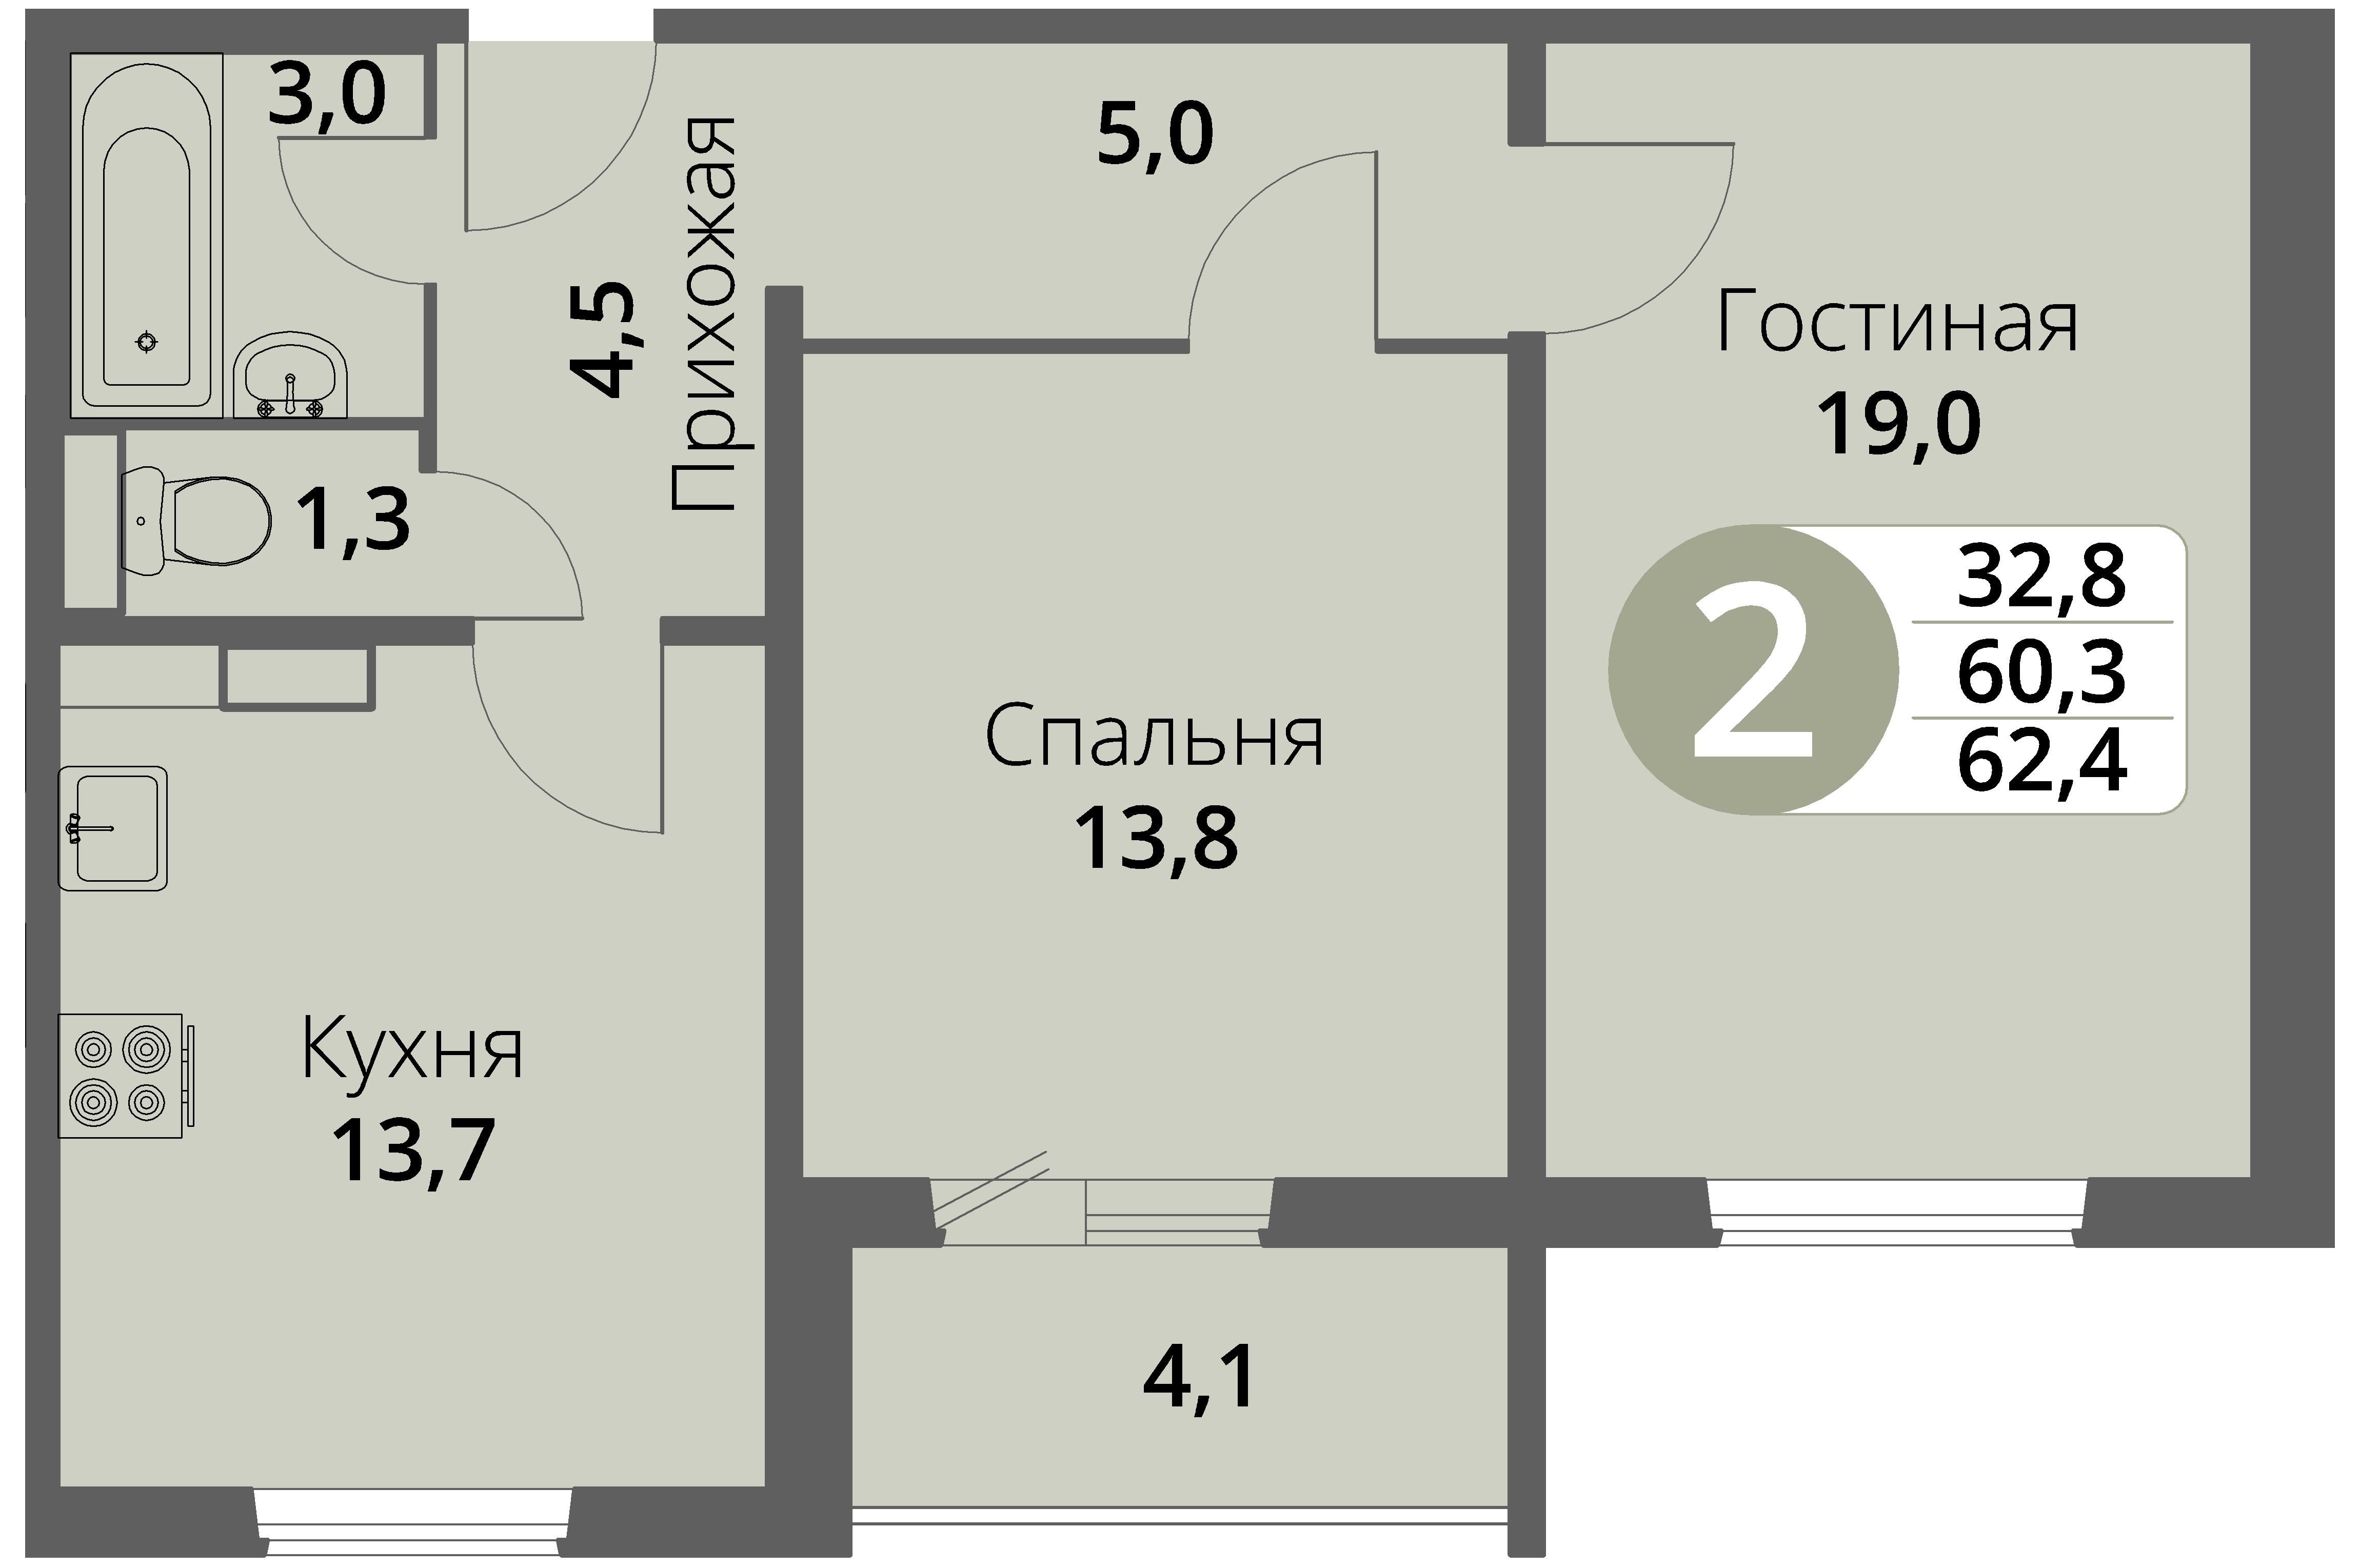 Зареченская 1-1, квартира 2 - Двухкомнатная